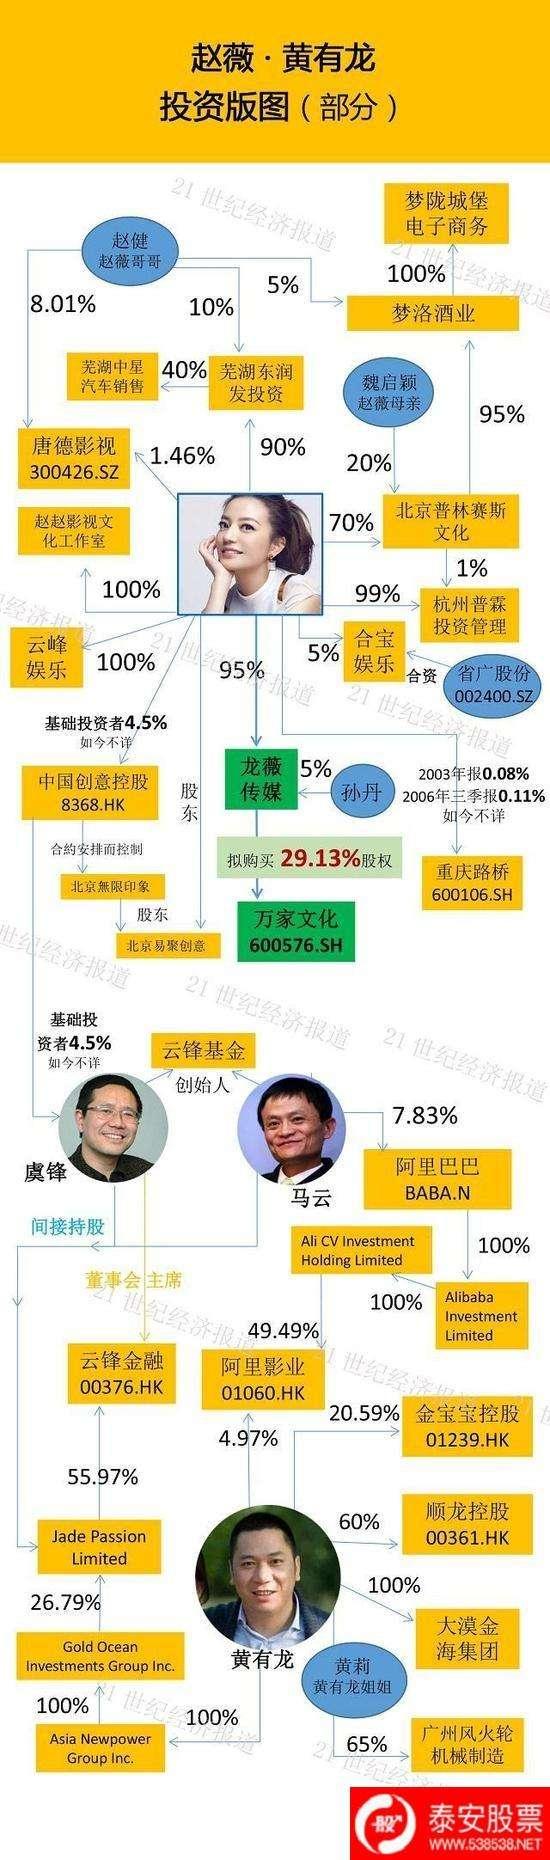 赵薇放弃控股万家文化30亿打水漂了 赵薇陷内幕交易真相怎么回事